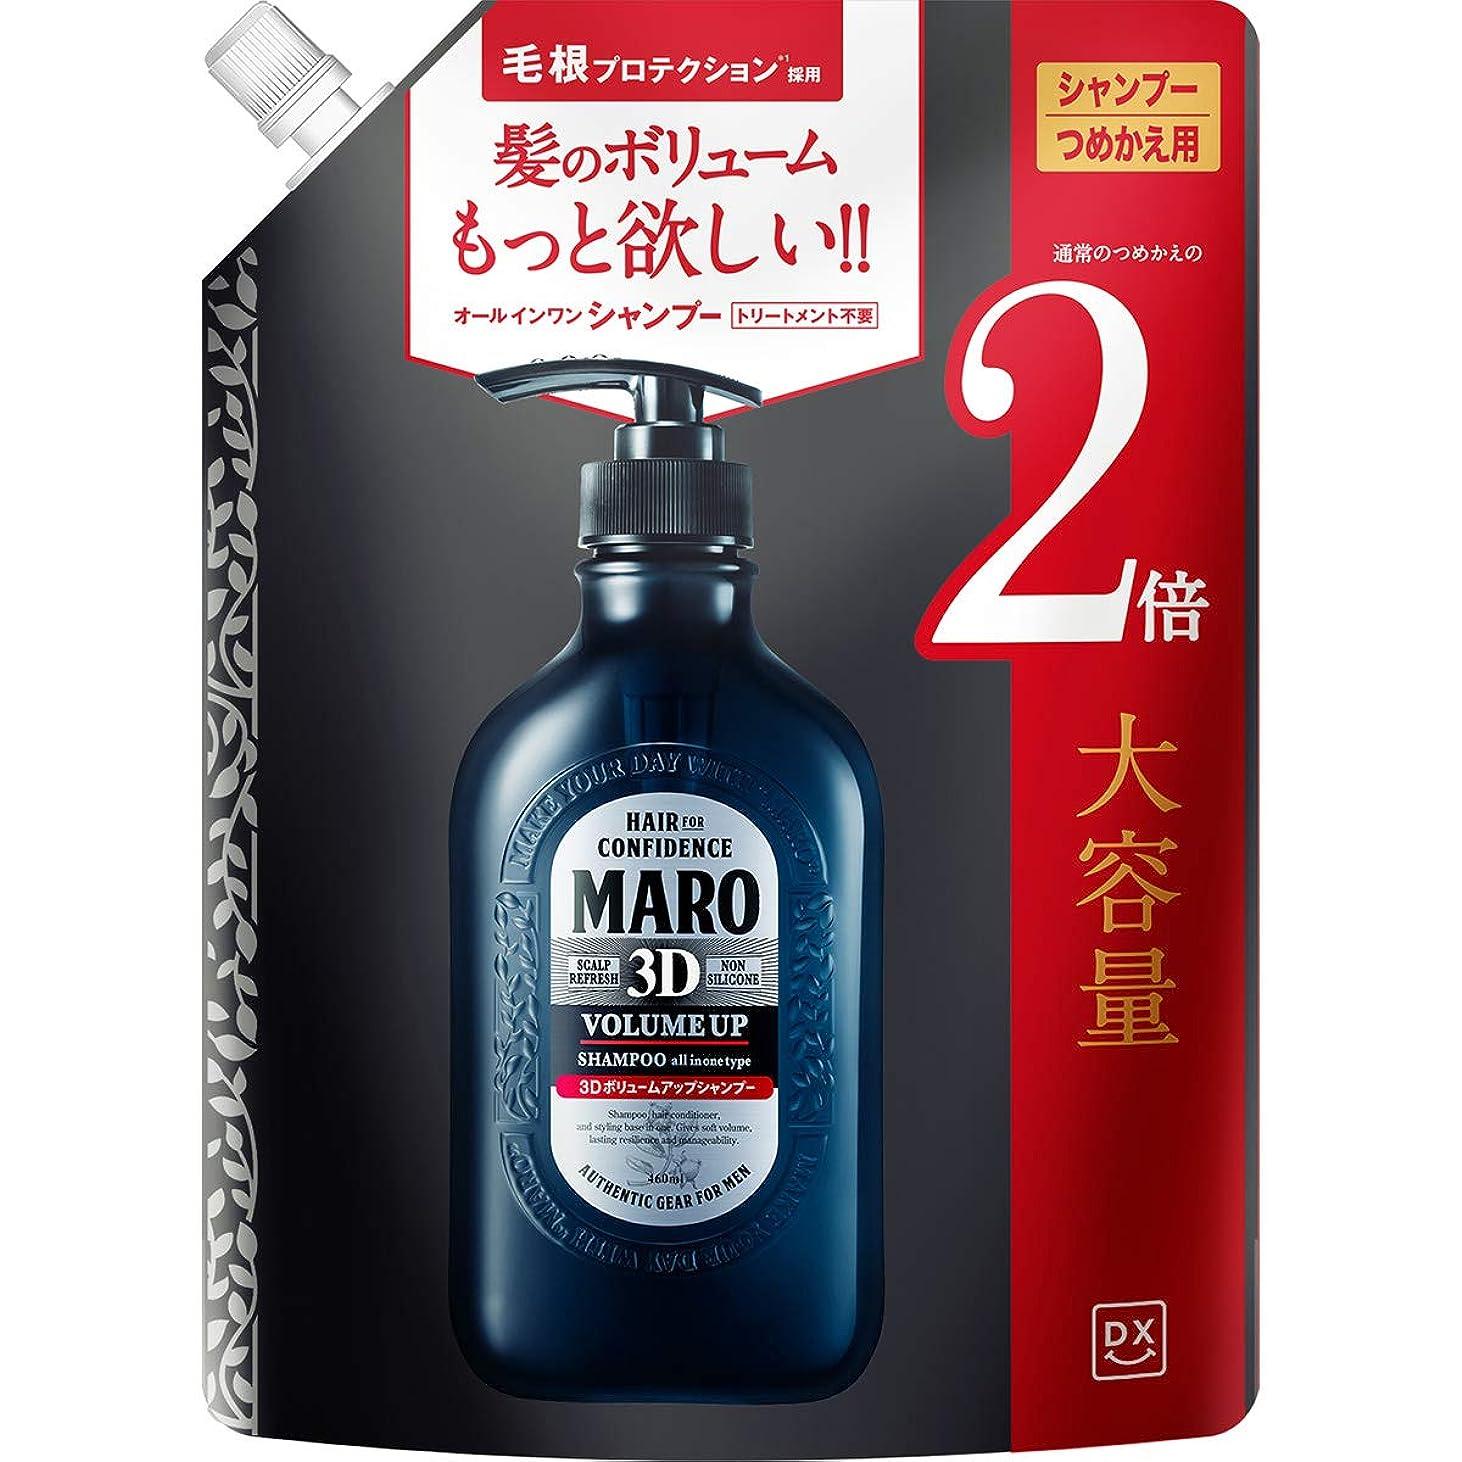 ドキュメンタリー看板慢性的[Amazon限定ブランド] マーロ(MARO) DX 3Dボリュームアップ シャンプー EX 詰替え用 760ml